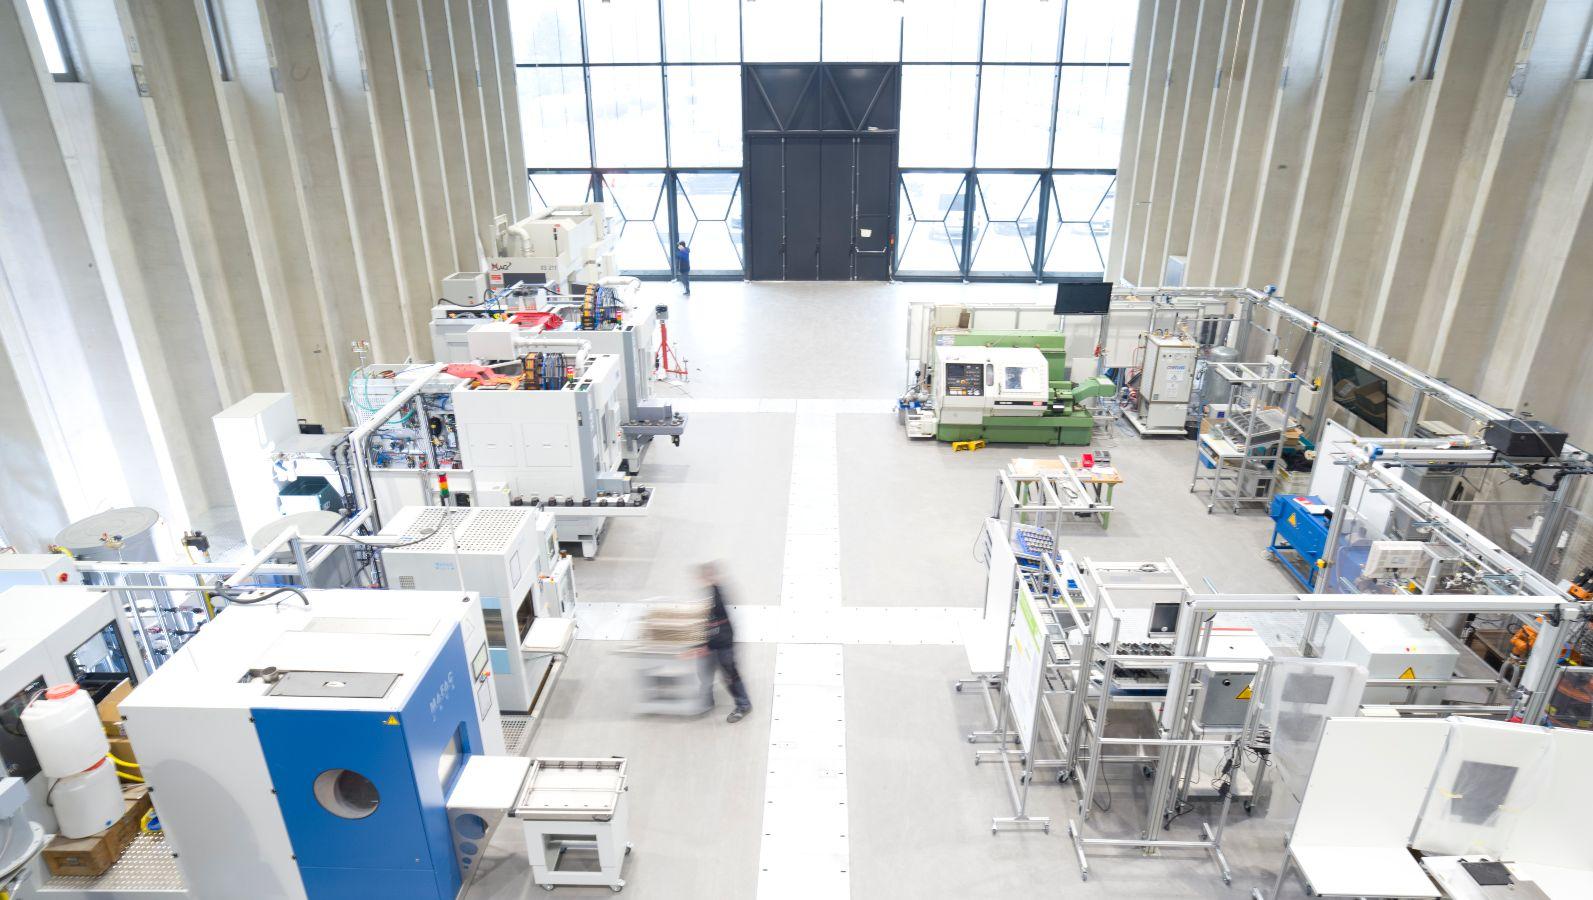 Die Halle der Forschungsfabrik ETA-Fabrik von oben mit mehreren Maschinen einer metallverarbeitenden Produktion.